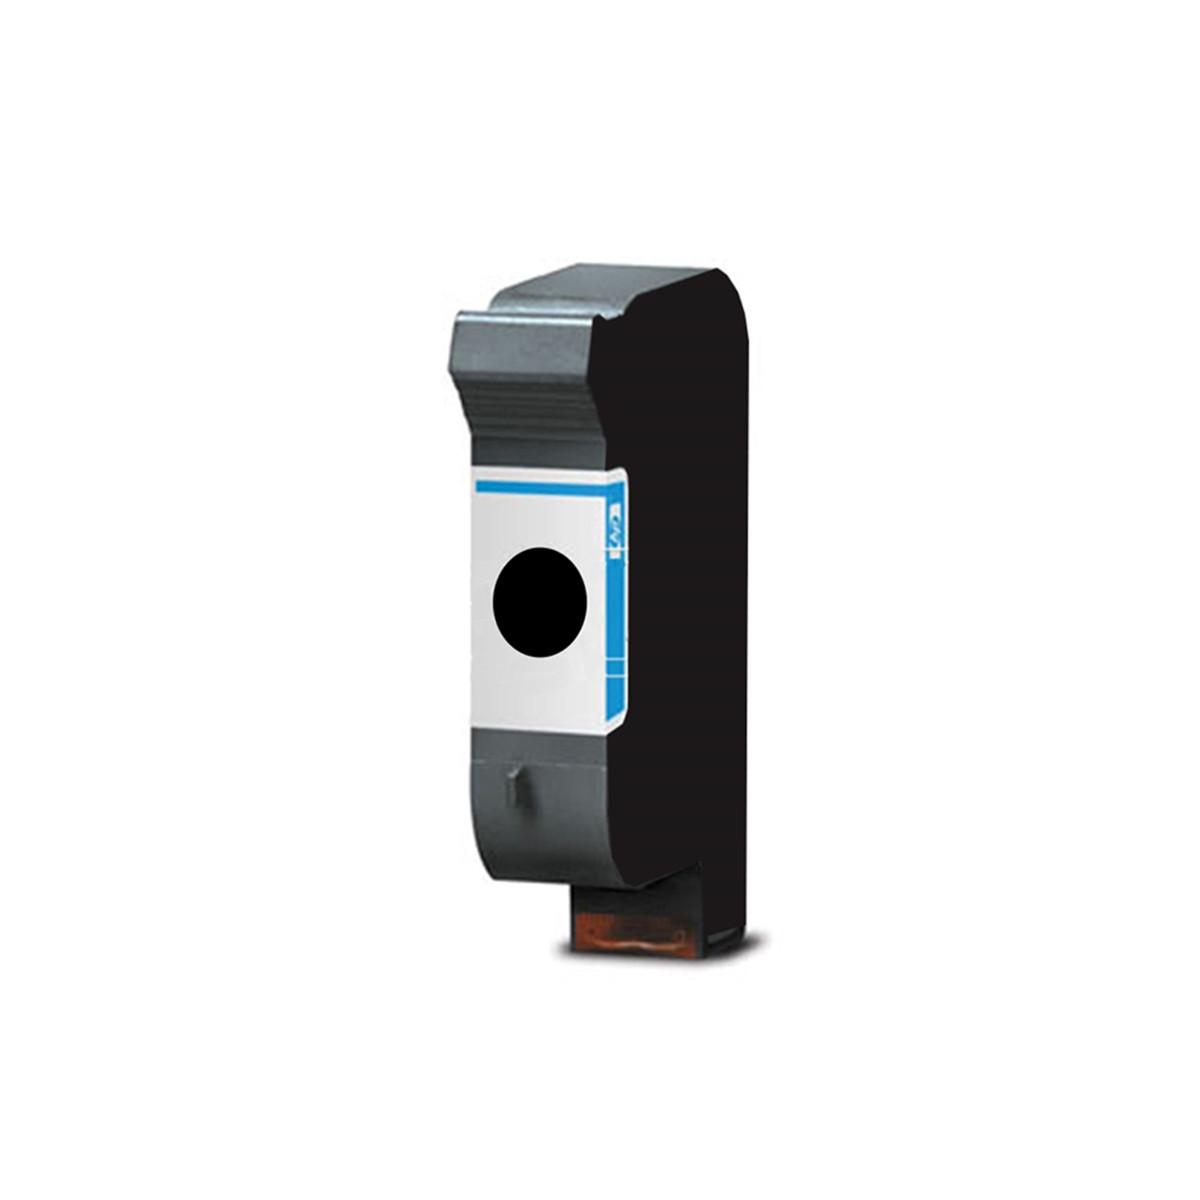 Cartucho de Tinta Compatível com HP 45 51645AL Preto | Deskjet 6122 720C 930C 932C 950C | 38ml